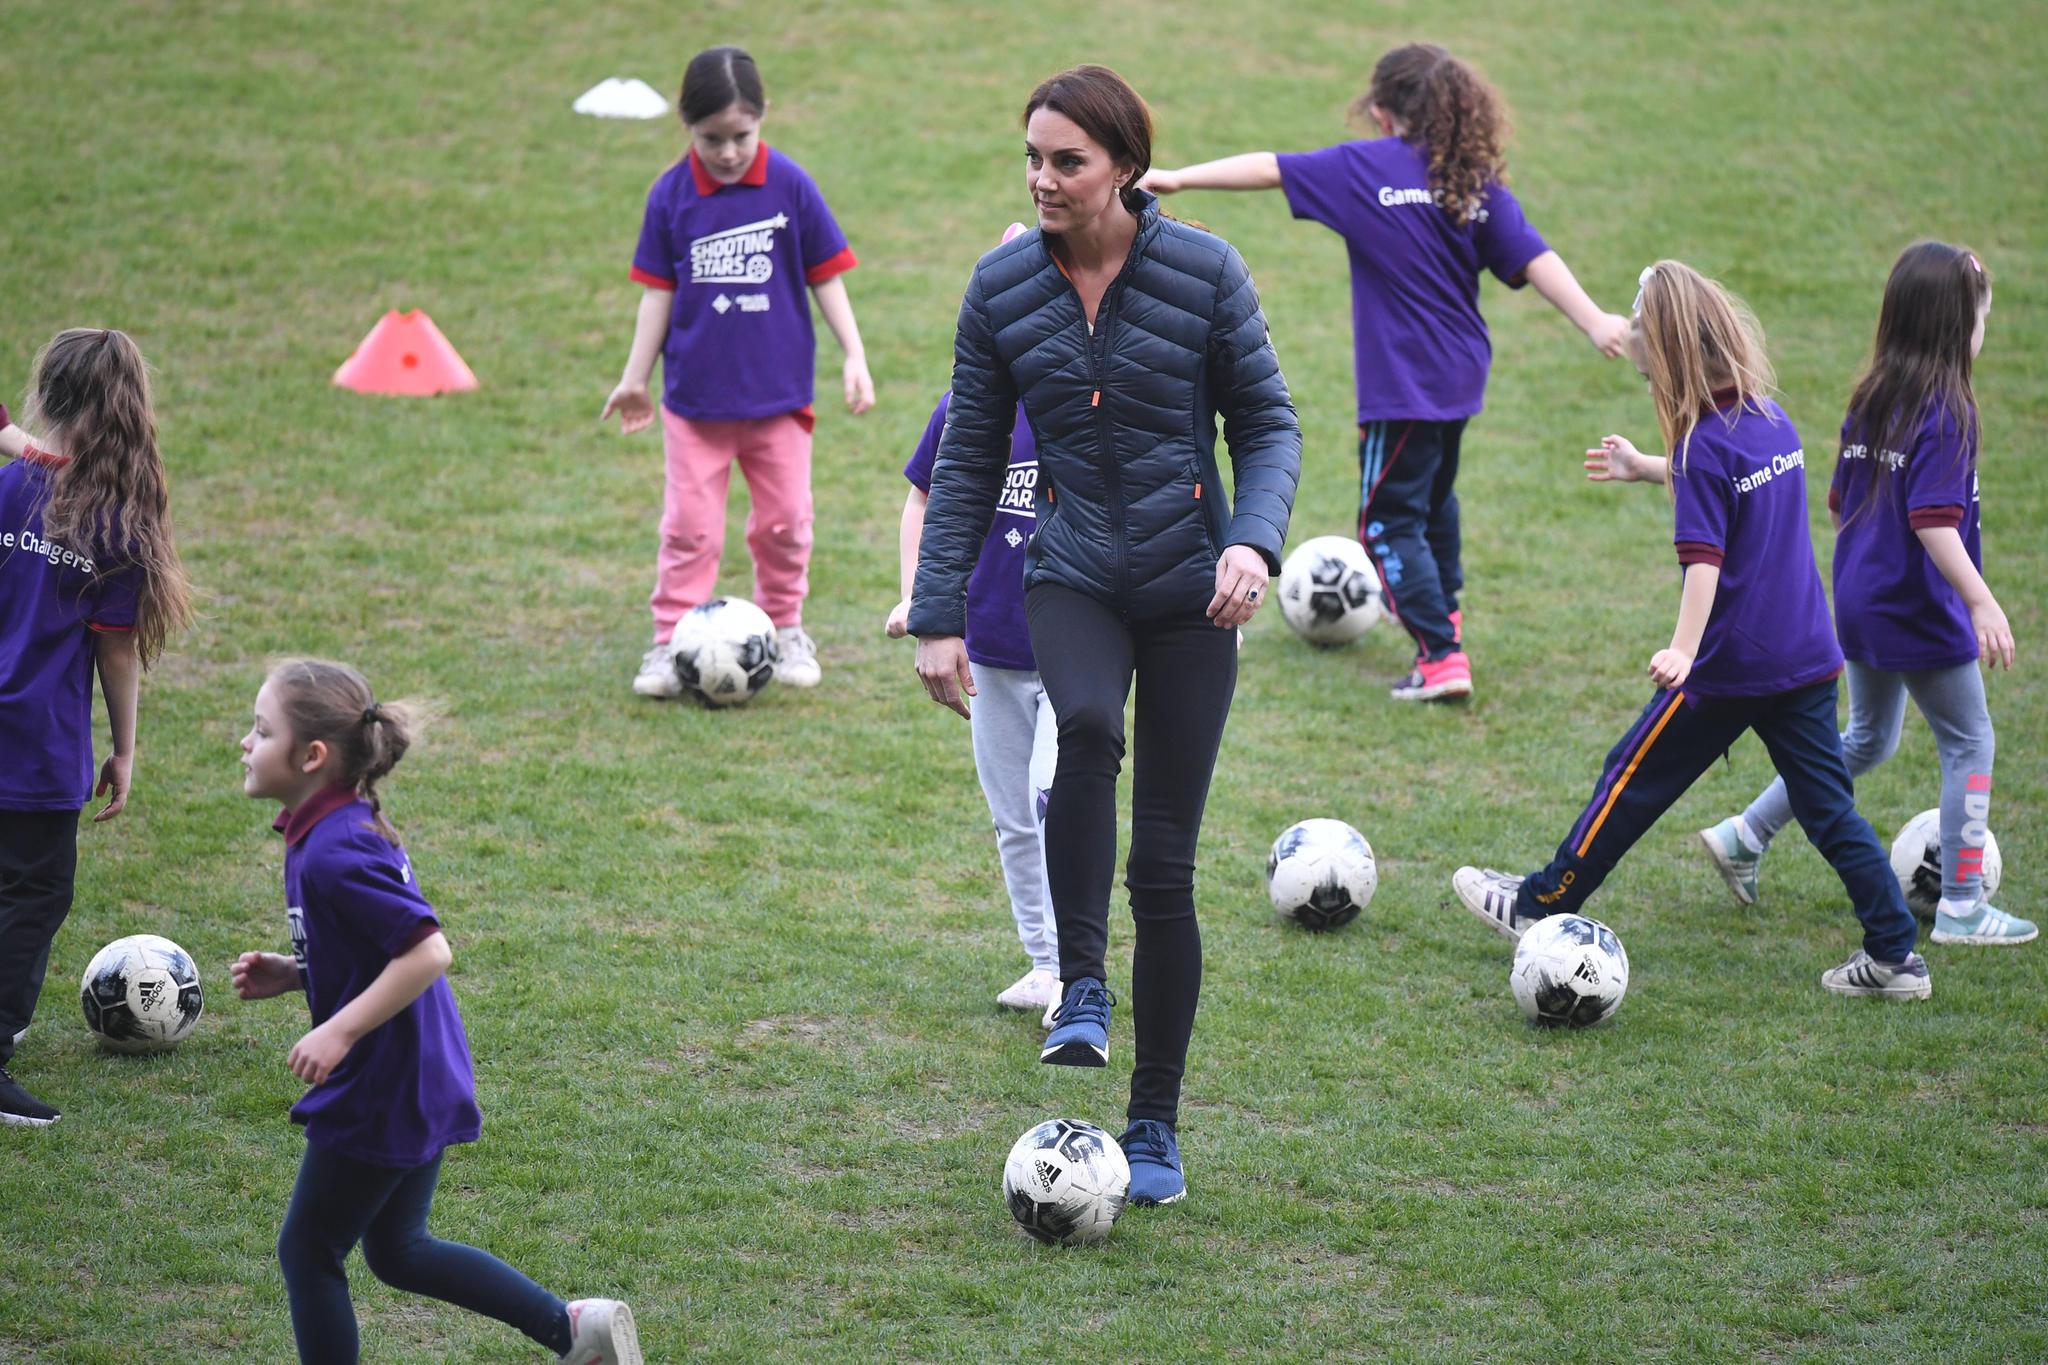 Kick it like Beckham! Kate zeigt in Belfast, was sie mit dem Fußball kann